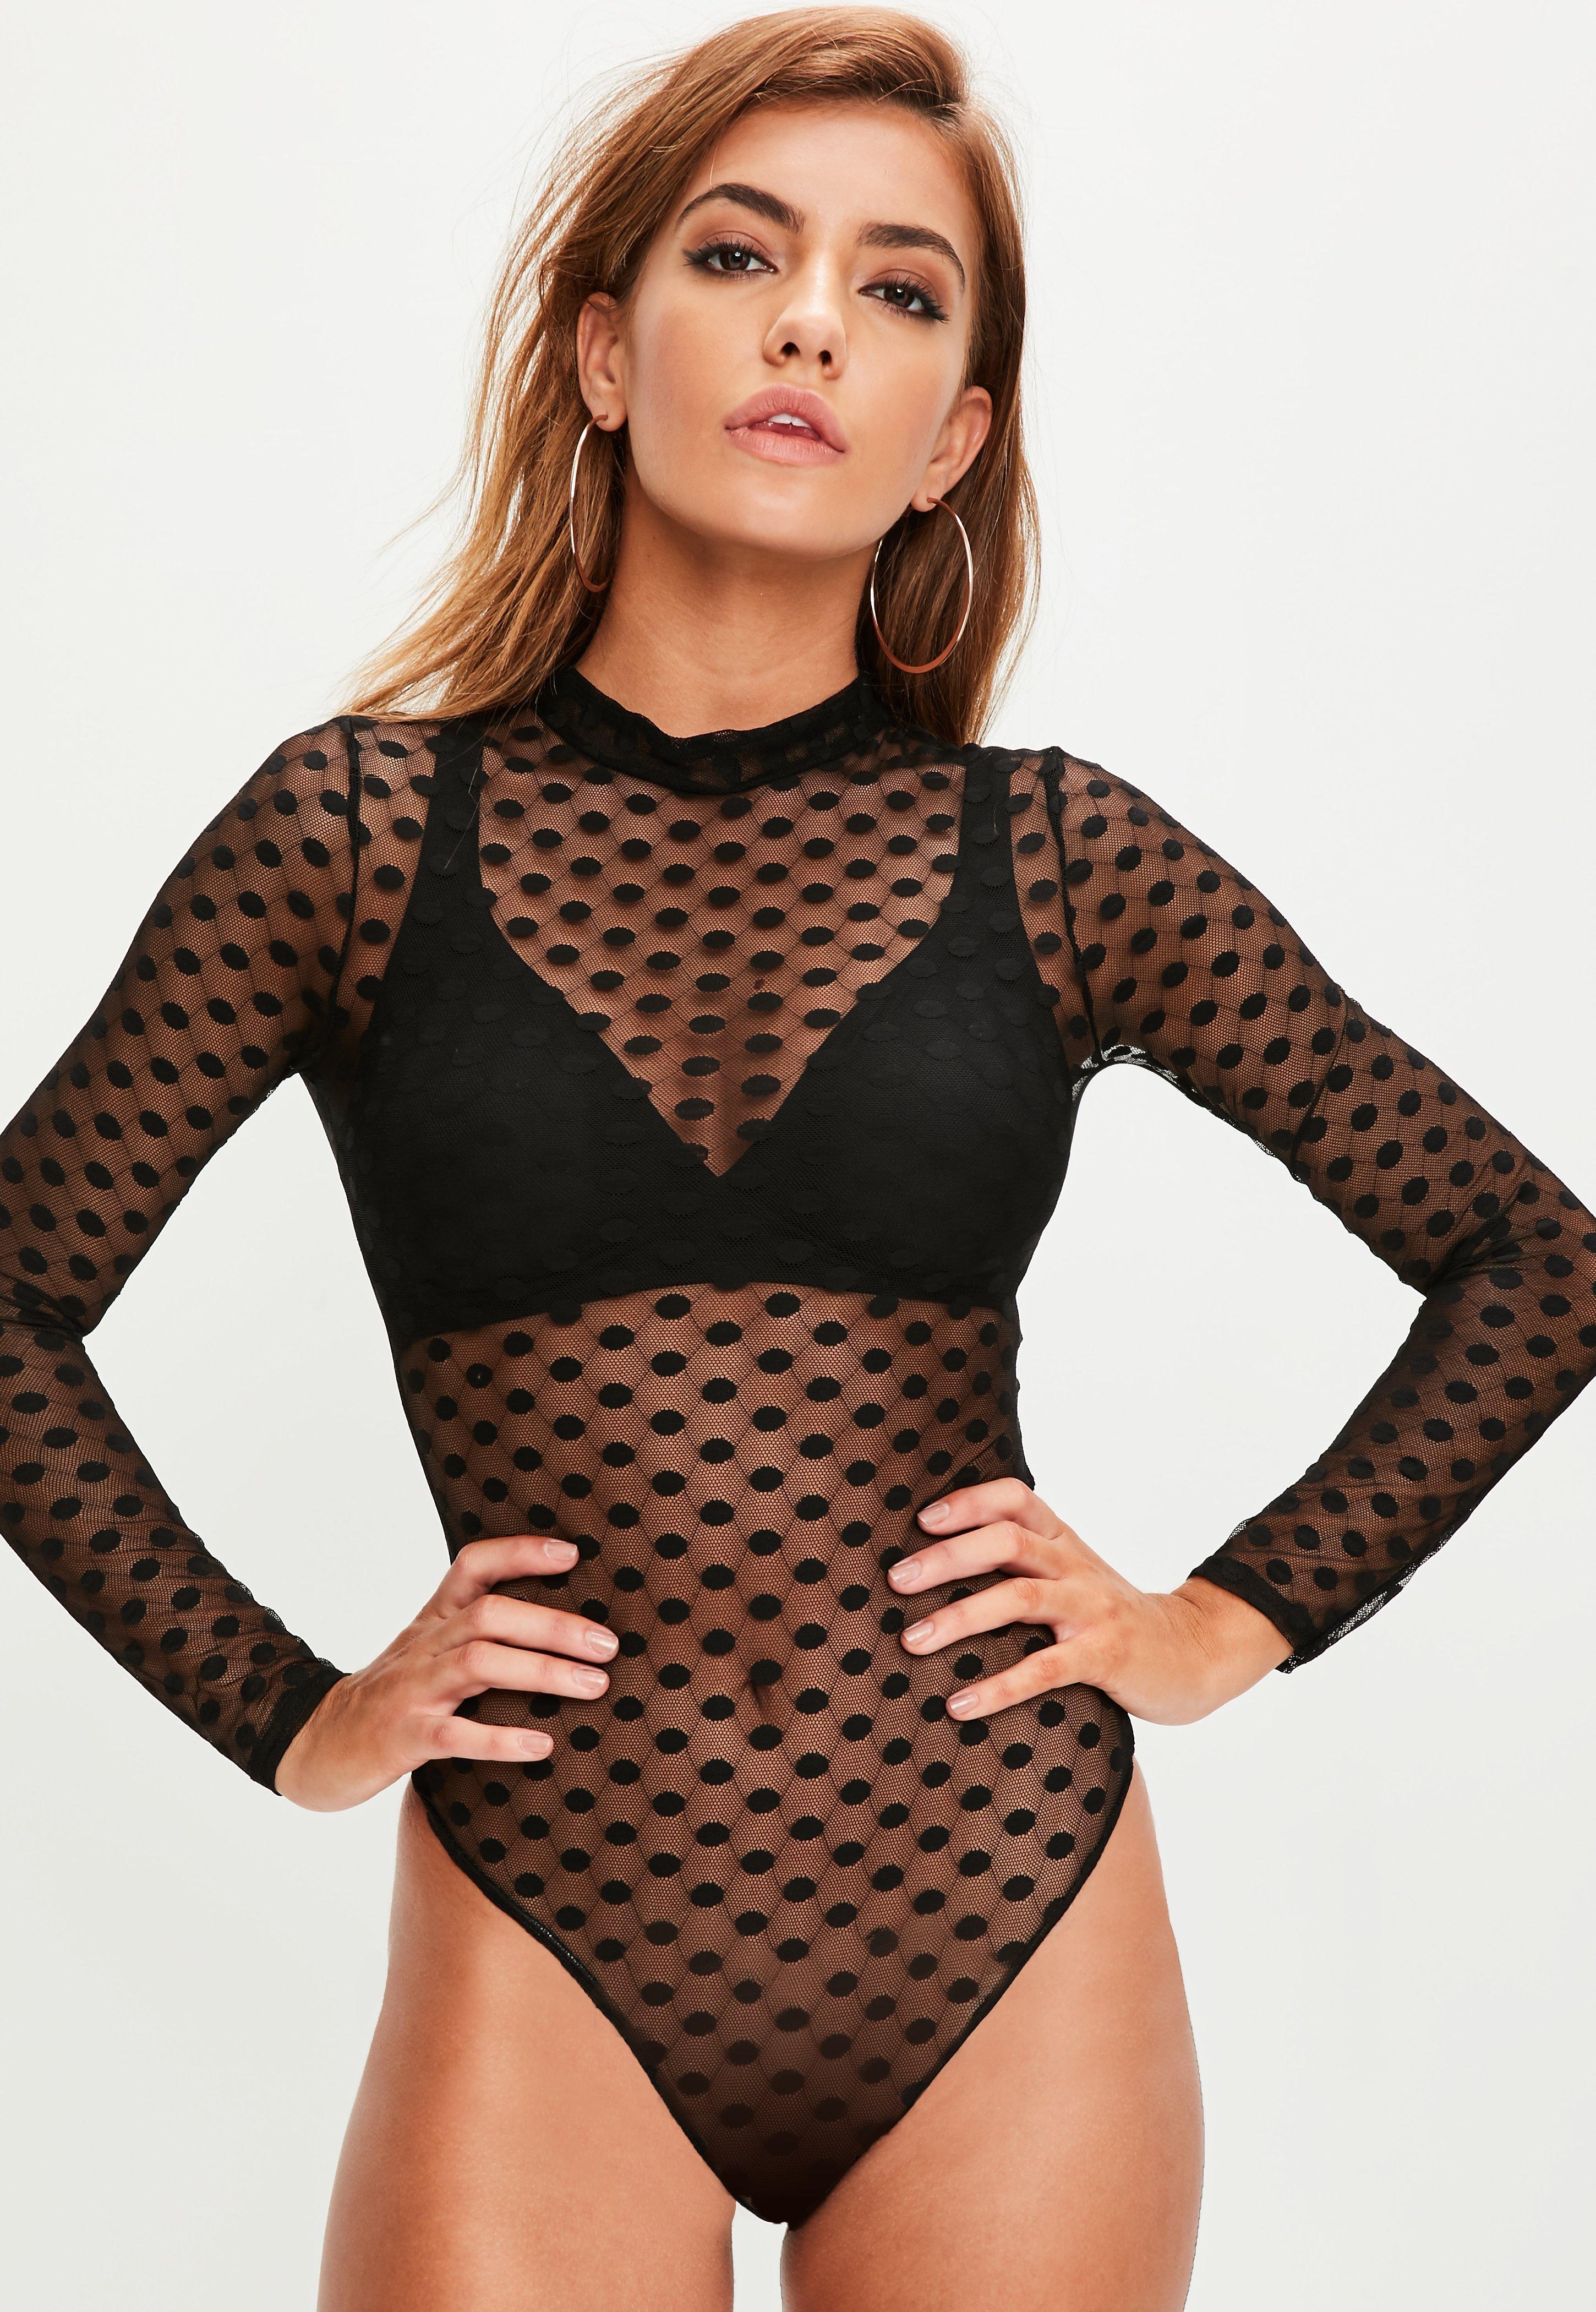 Black Mesh Polka Dot Bodysuit Missguided